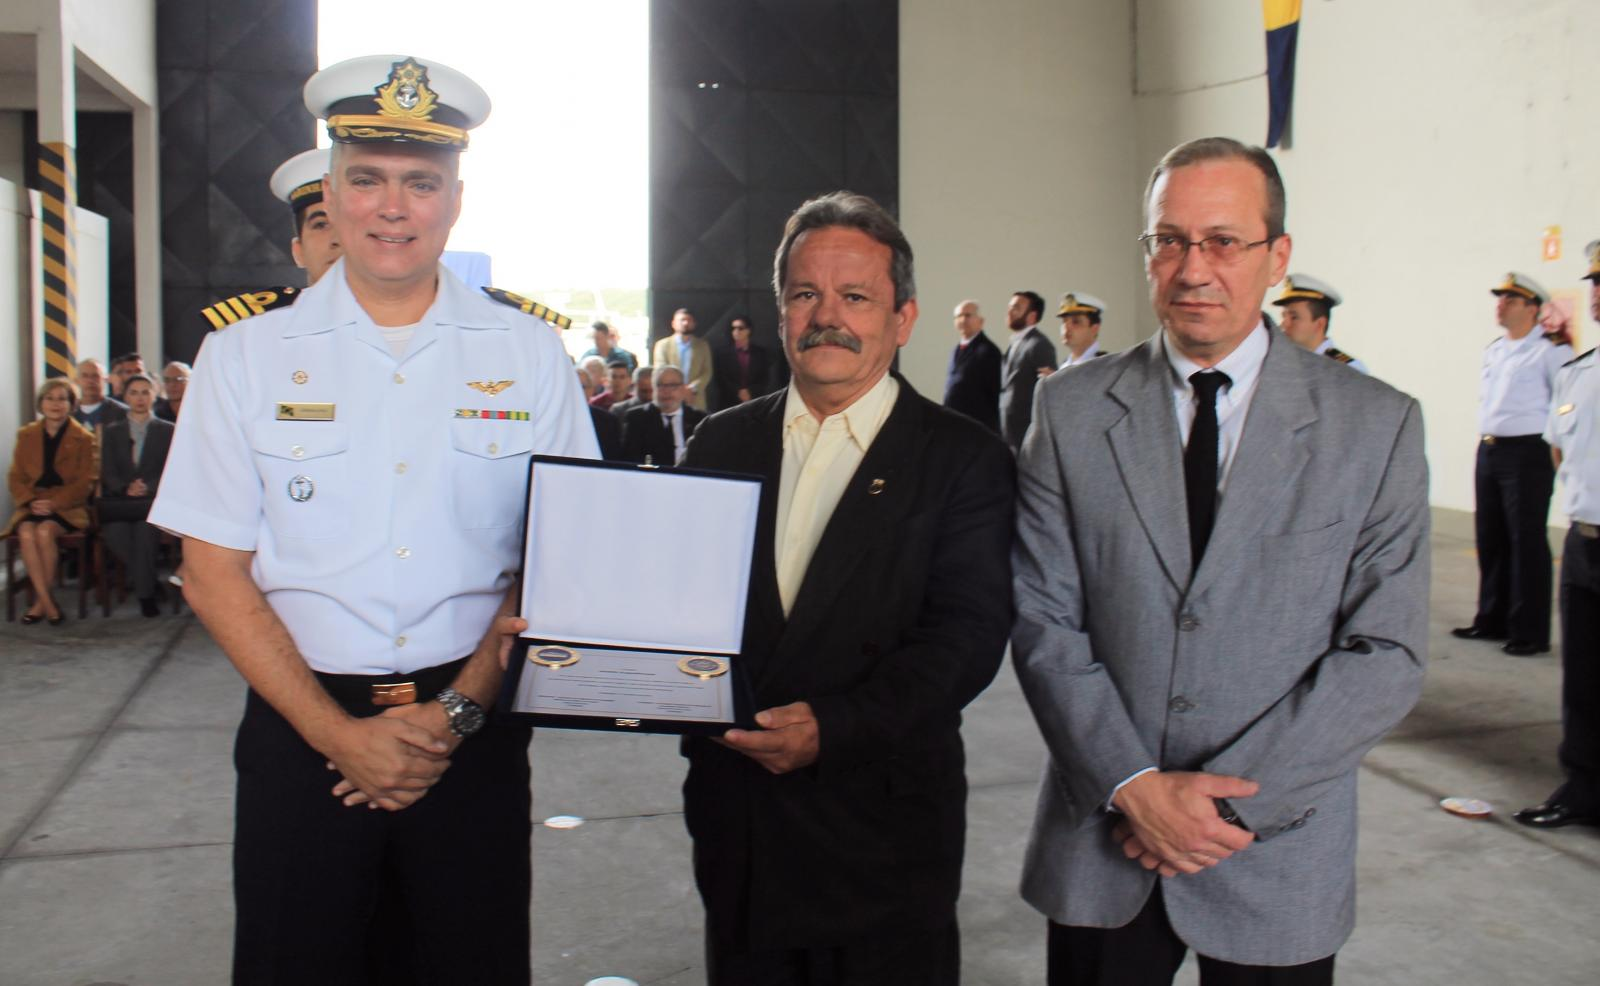 Dia Nacional do Agente Marítimo é celebrado na Capitania dos Portos